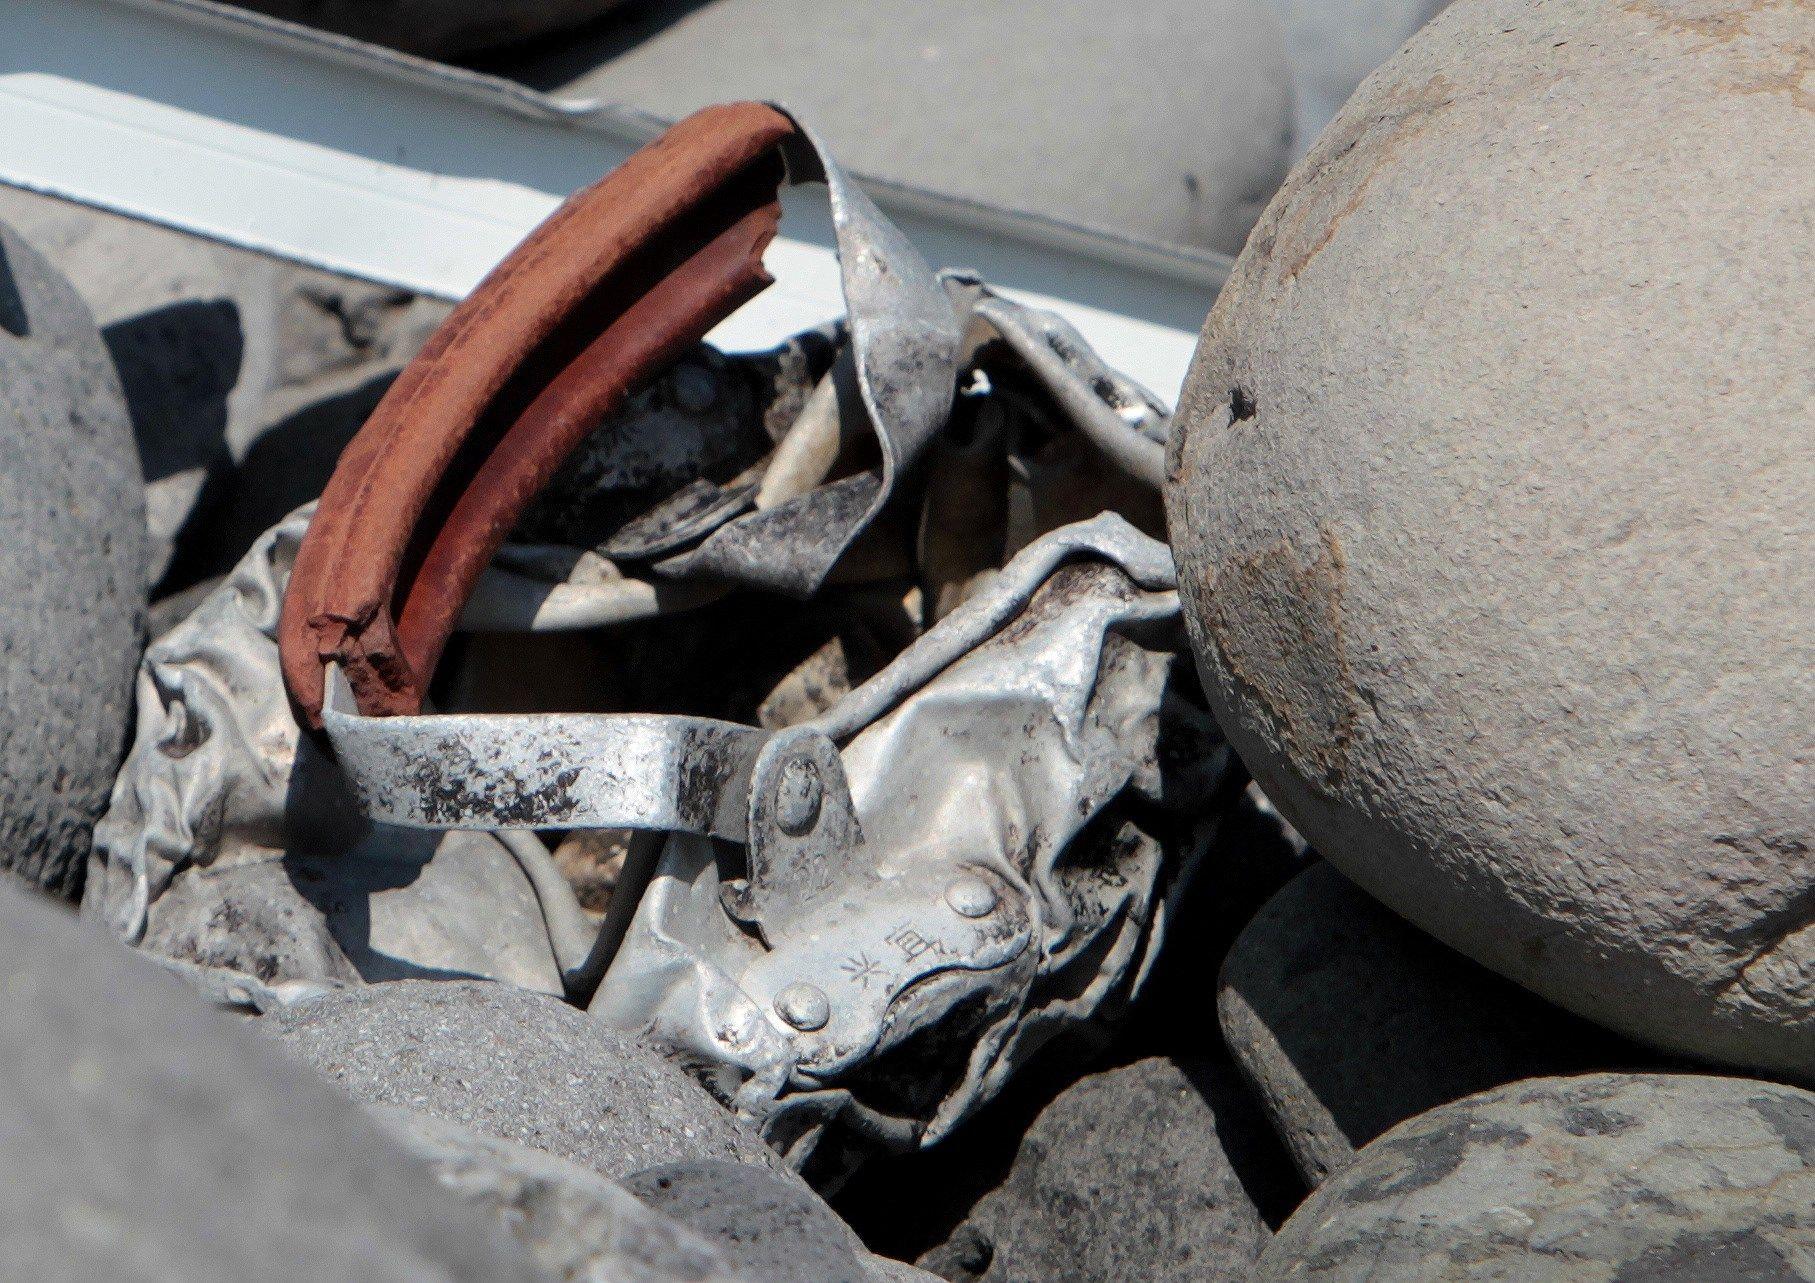 METALLBIT: Denne metallbiten, antatt å stamme fra ulykkesflyet, ble funnet i Saint-Denis på den franske øya Réunion utenfor Madagaskar.